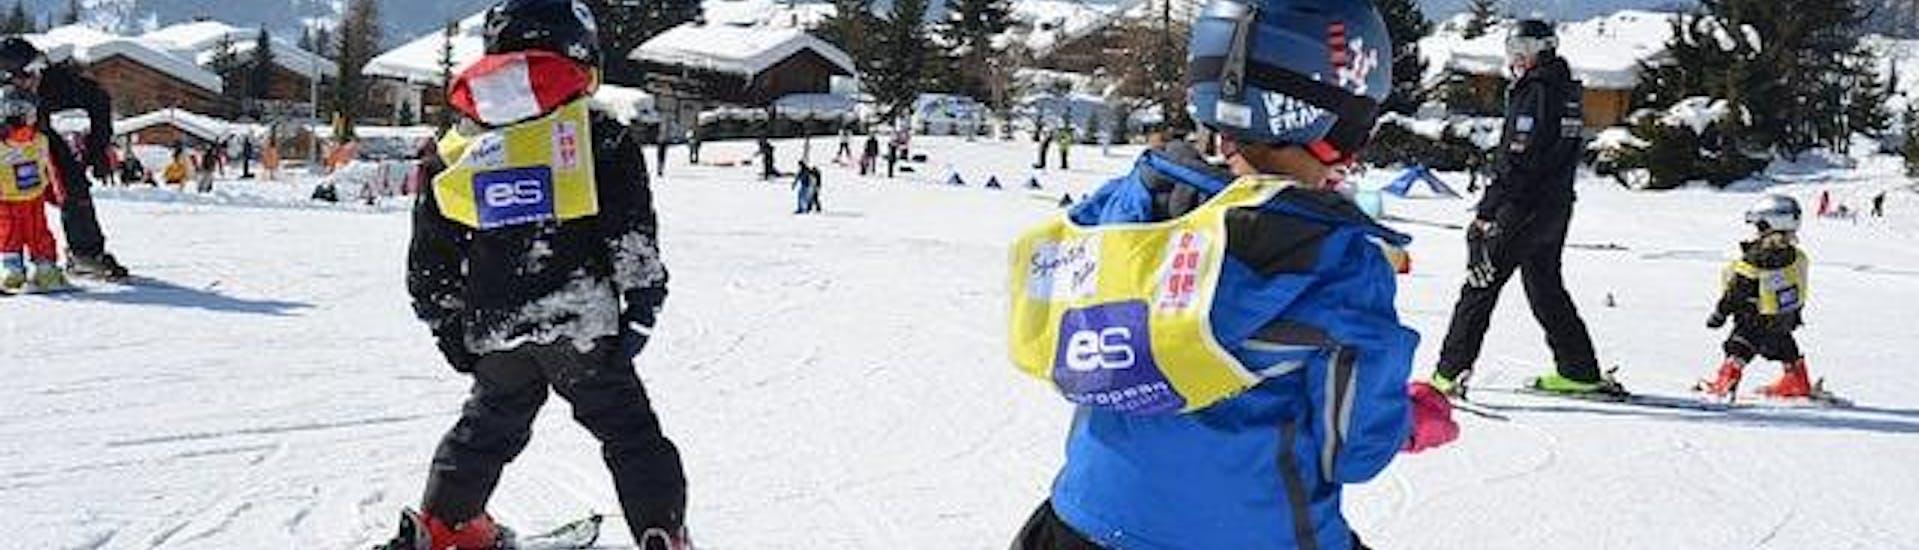 Skilessen voor kinderen vanaf 6 jaar - vergevorderd met European Snowsport Verbier - Hero image